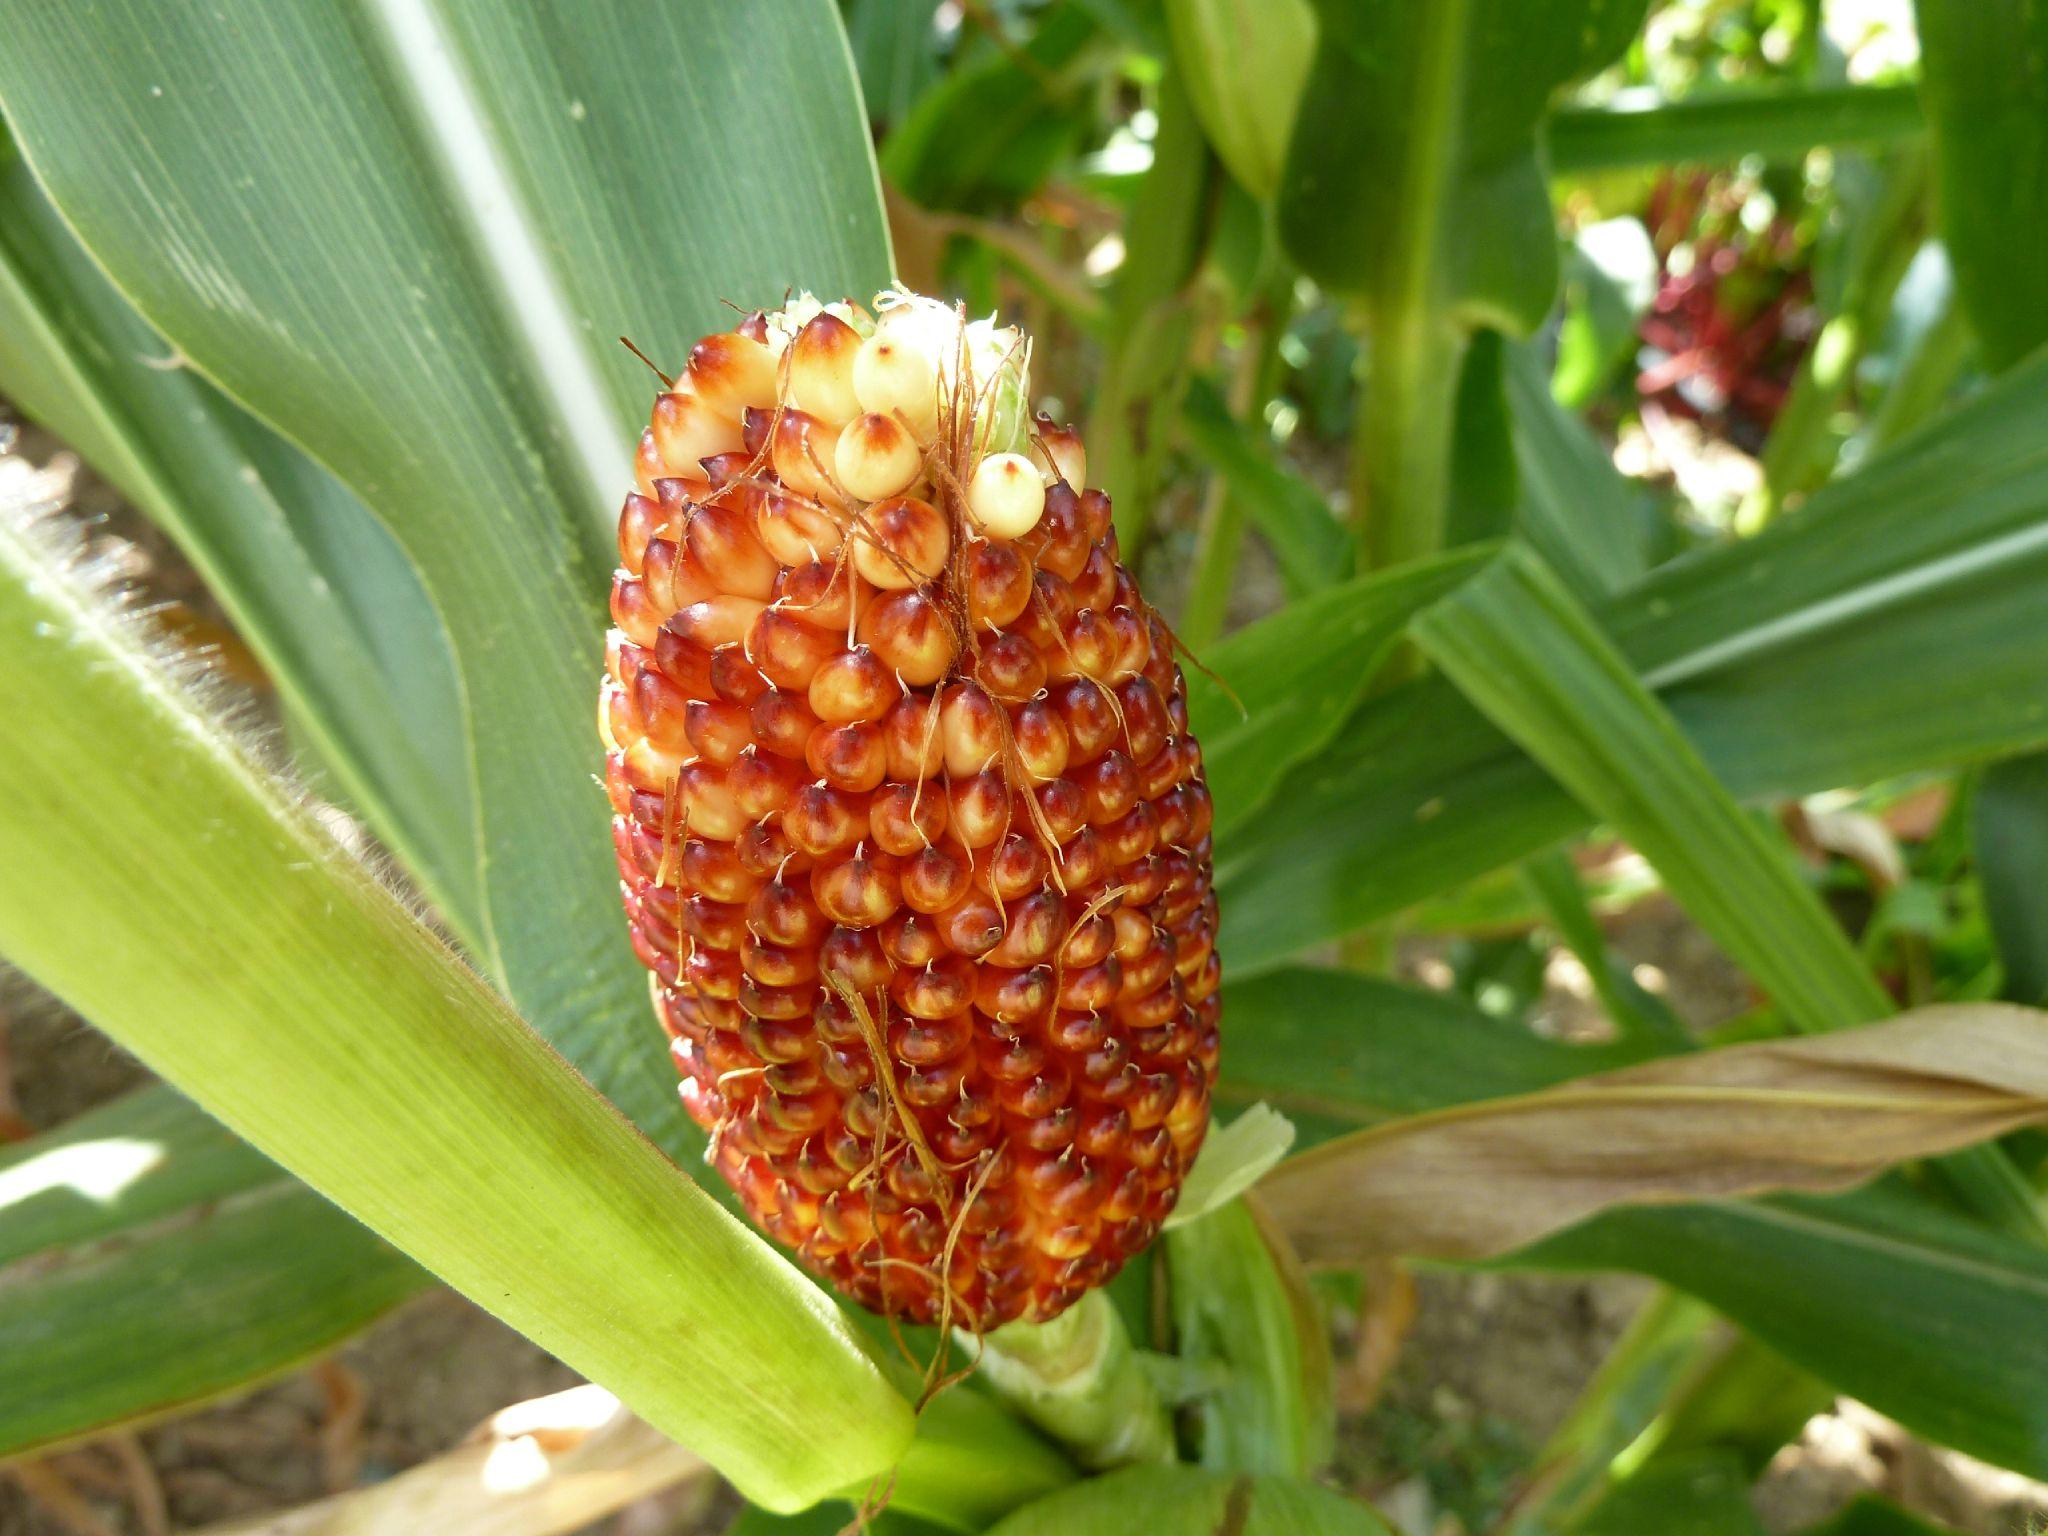 maïs pop corn variété fraise - www.passionpotager.canalblog.com